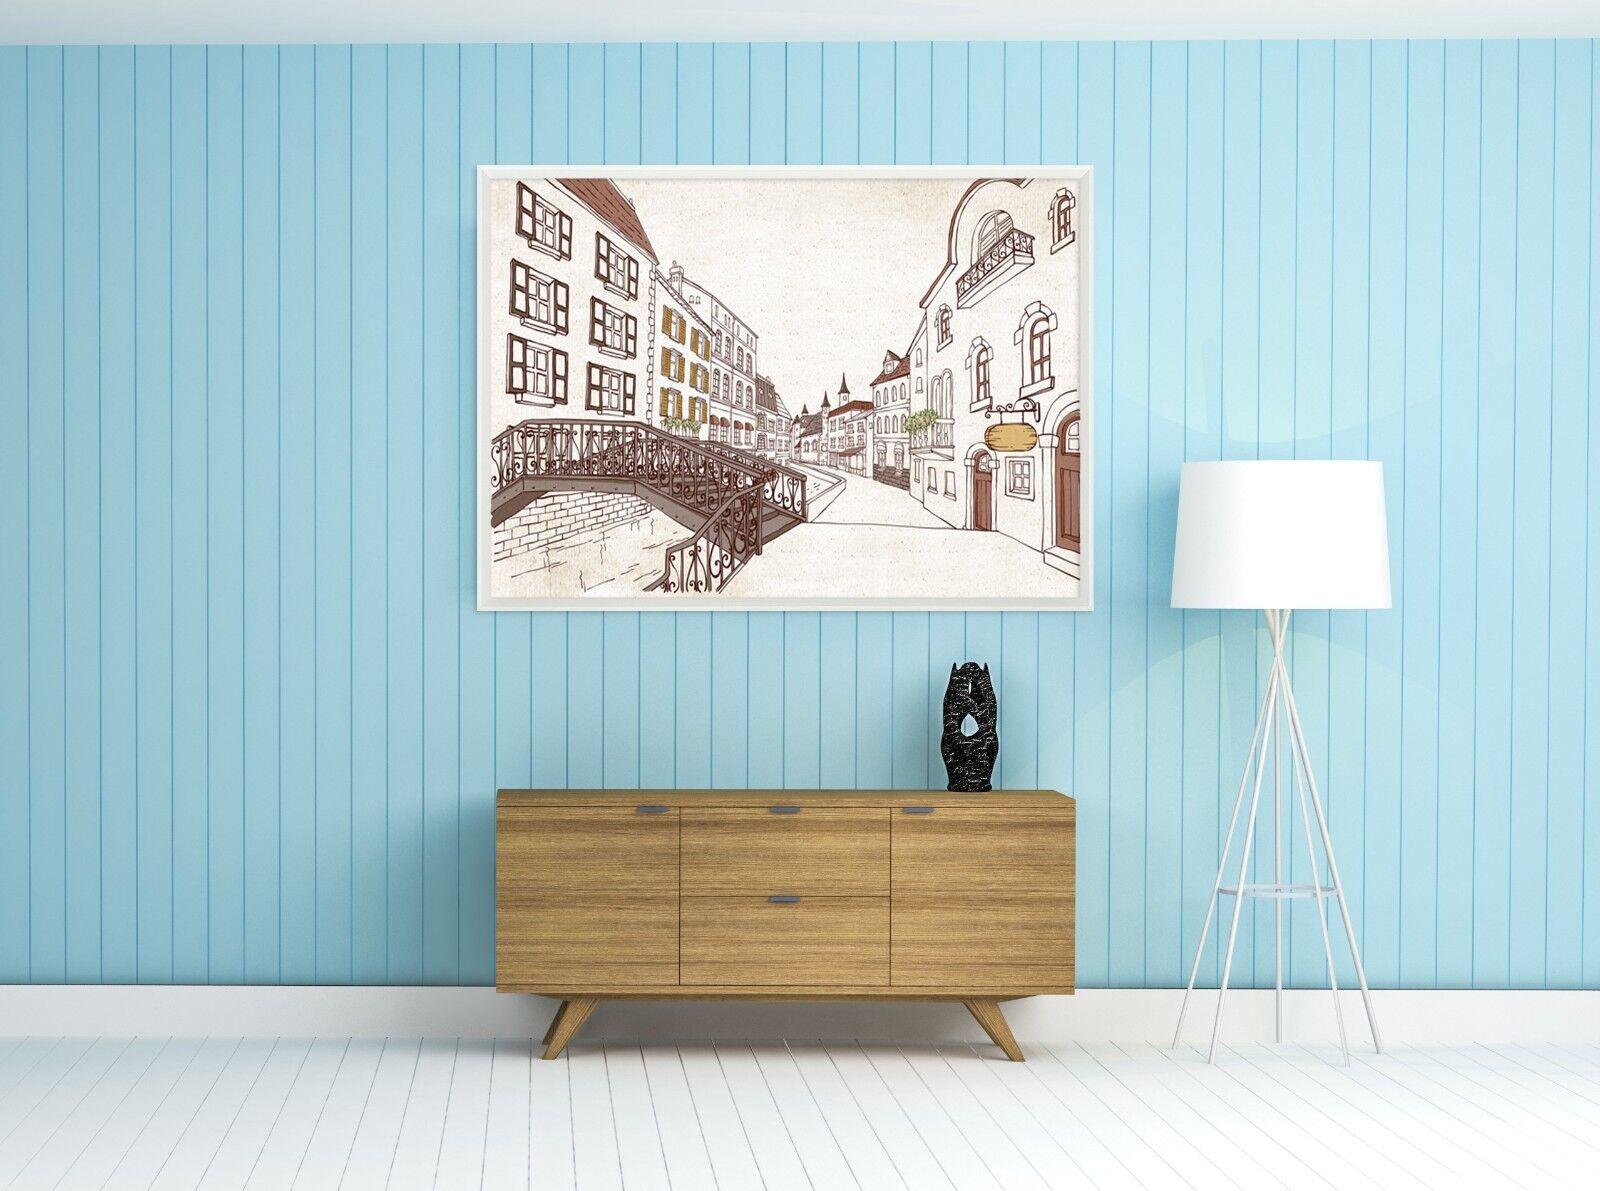 3d esquisse ville 48 encadré affiche à la maison décor imprimer peinture art AJ de